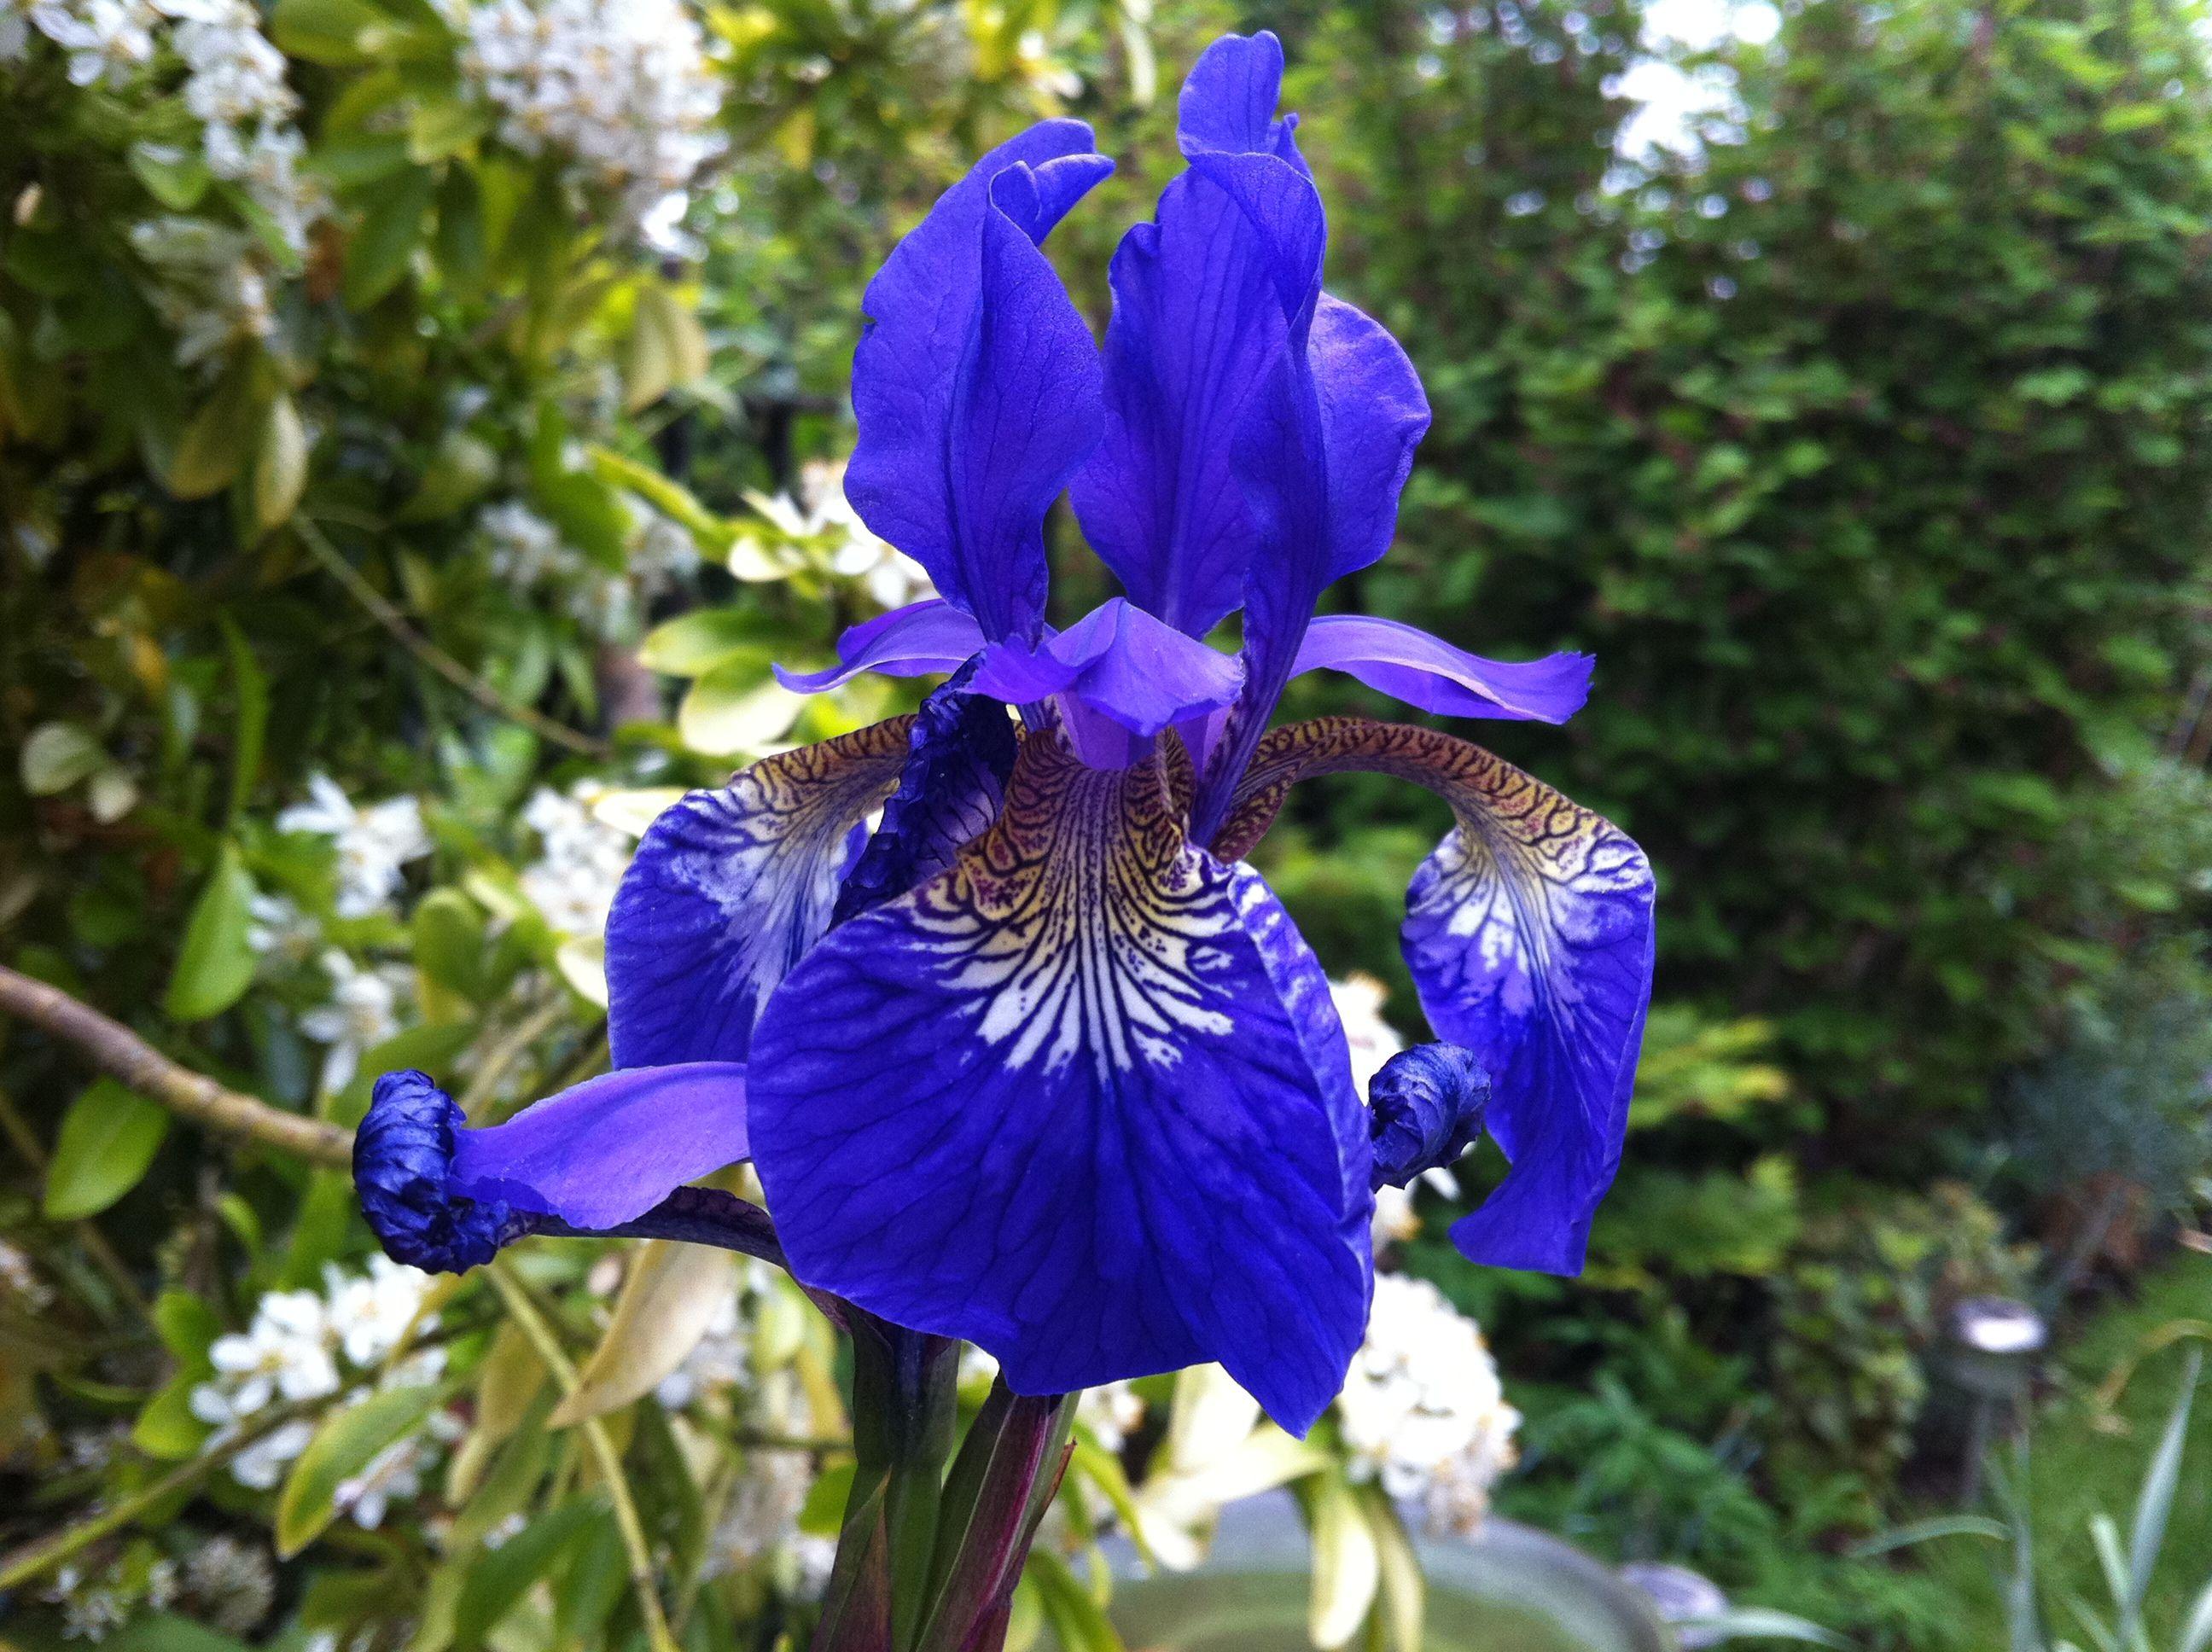 Iris sibirica sunils garden gardens pinterest iris iris sibirica sunils garden biocorpaavc